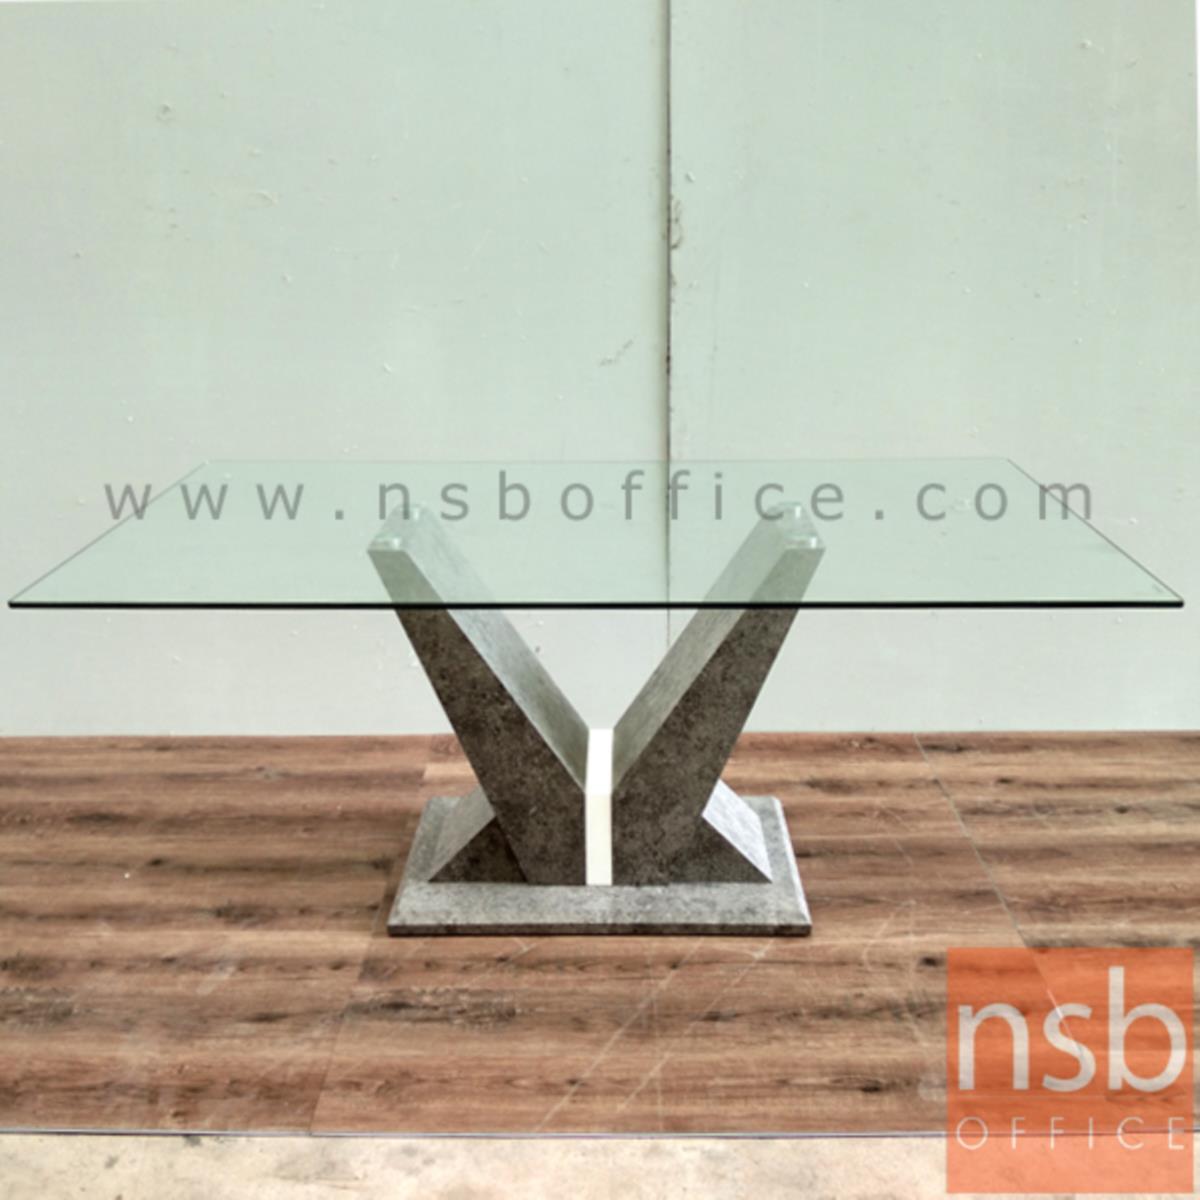 โต๊ะประชุมเหลี่ยมหน้ากระจก รุ่น Sheeran (ชีแรน) ขนาด 180W cm.  ขากล่องไม้ MDF